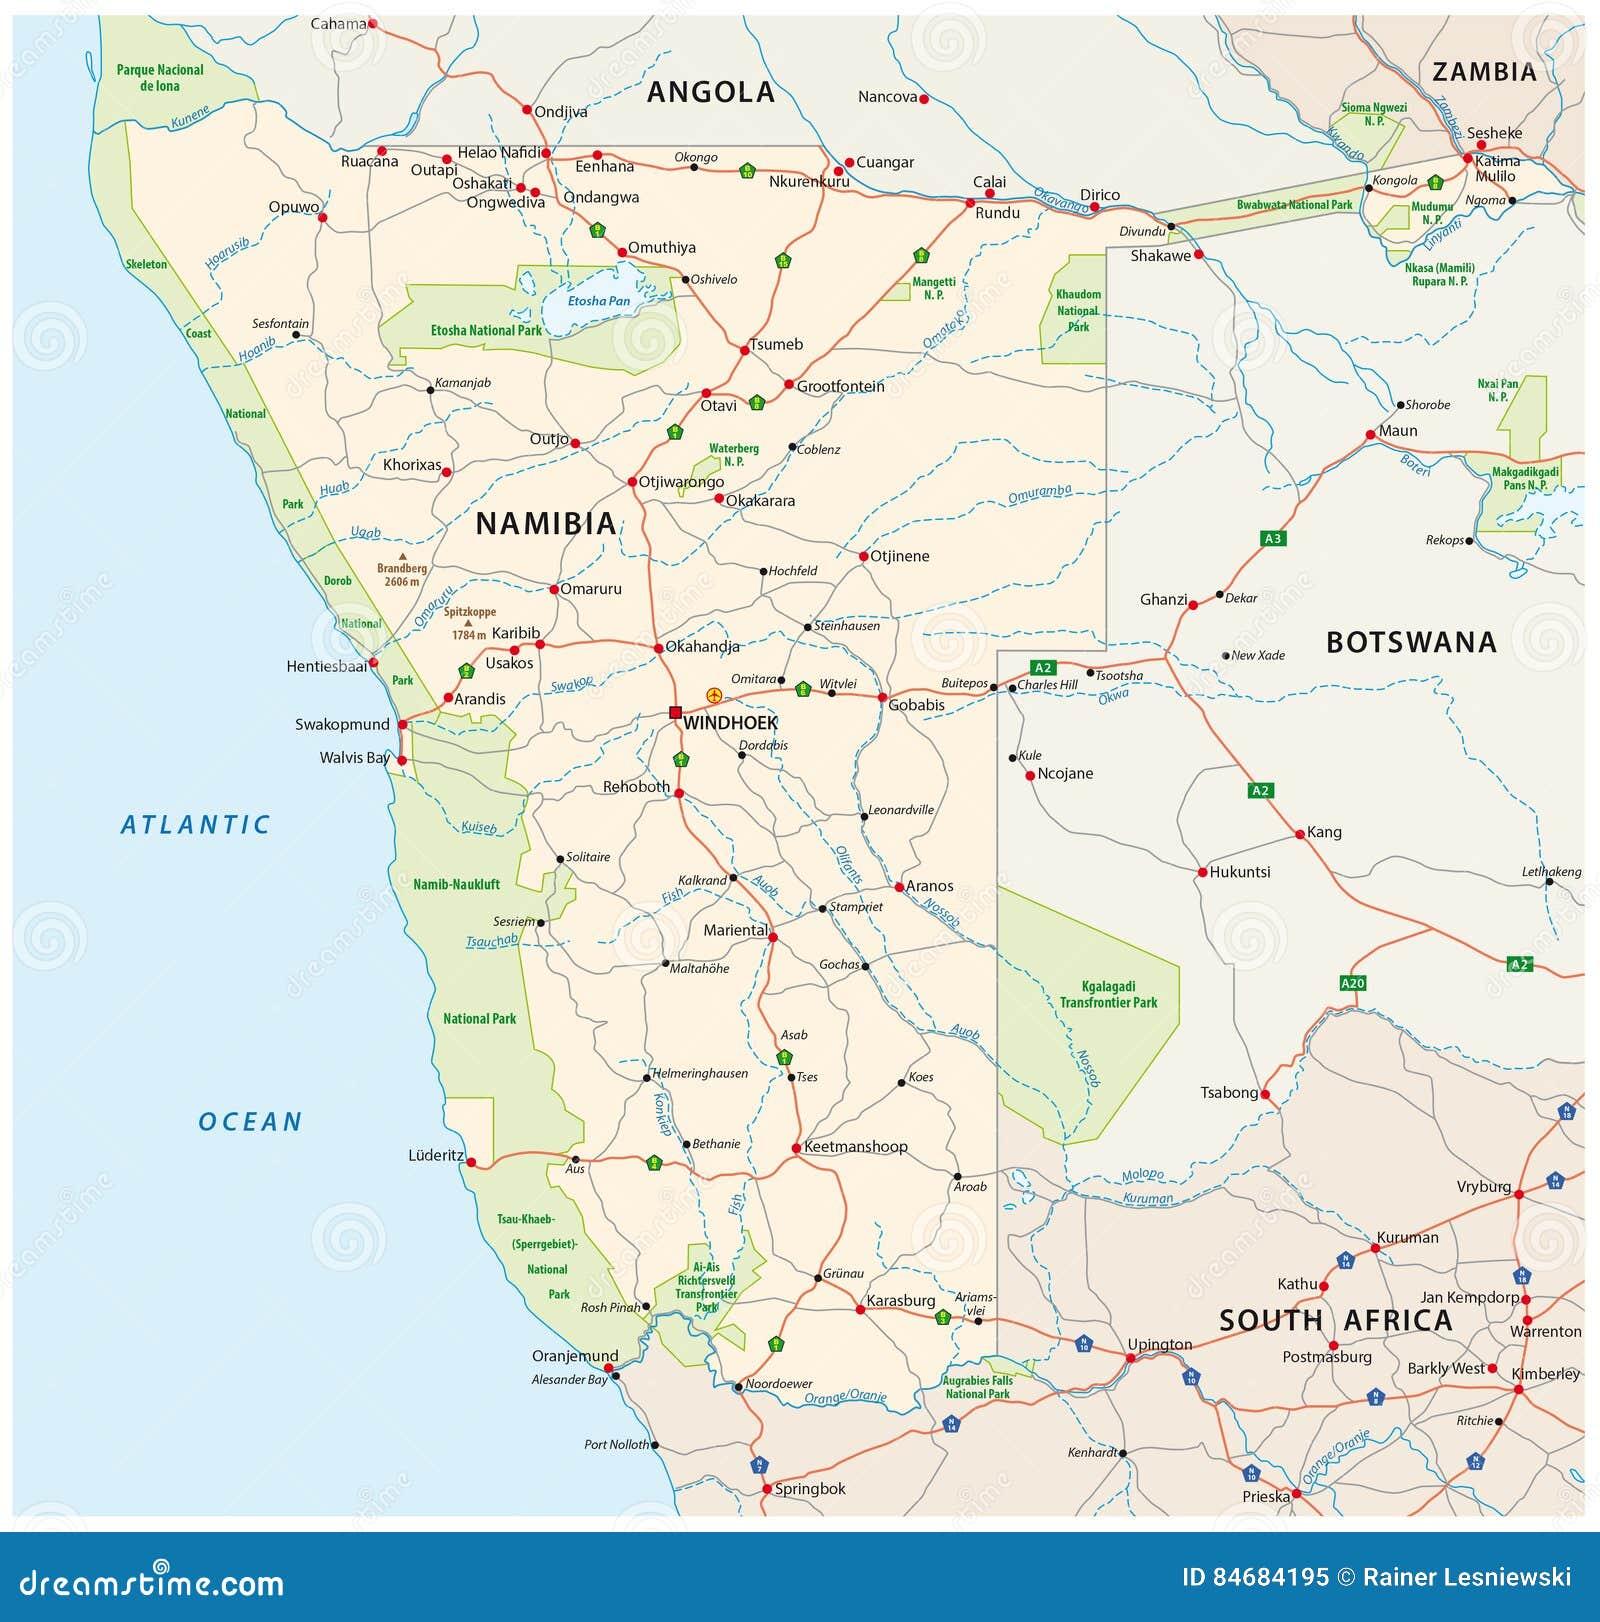 Carte Afrique Du Sud Ouest.Carte De Route Et De Parc National De L Afrique Du Sud Ouest